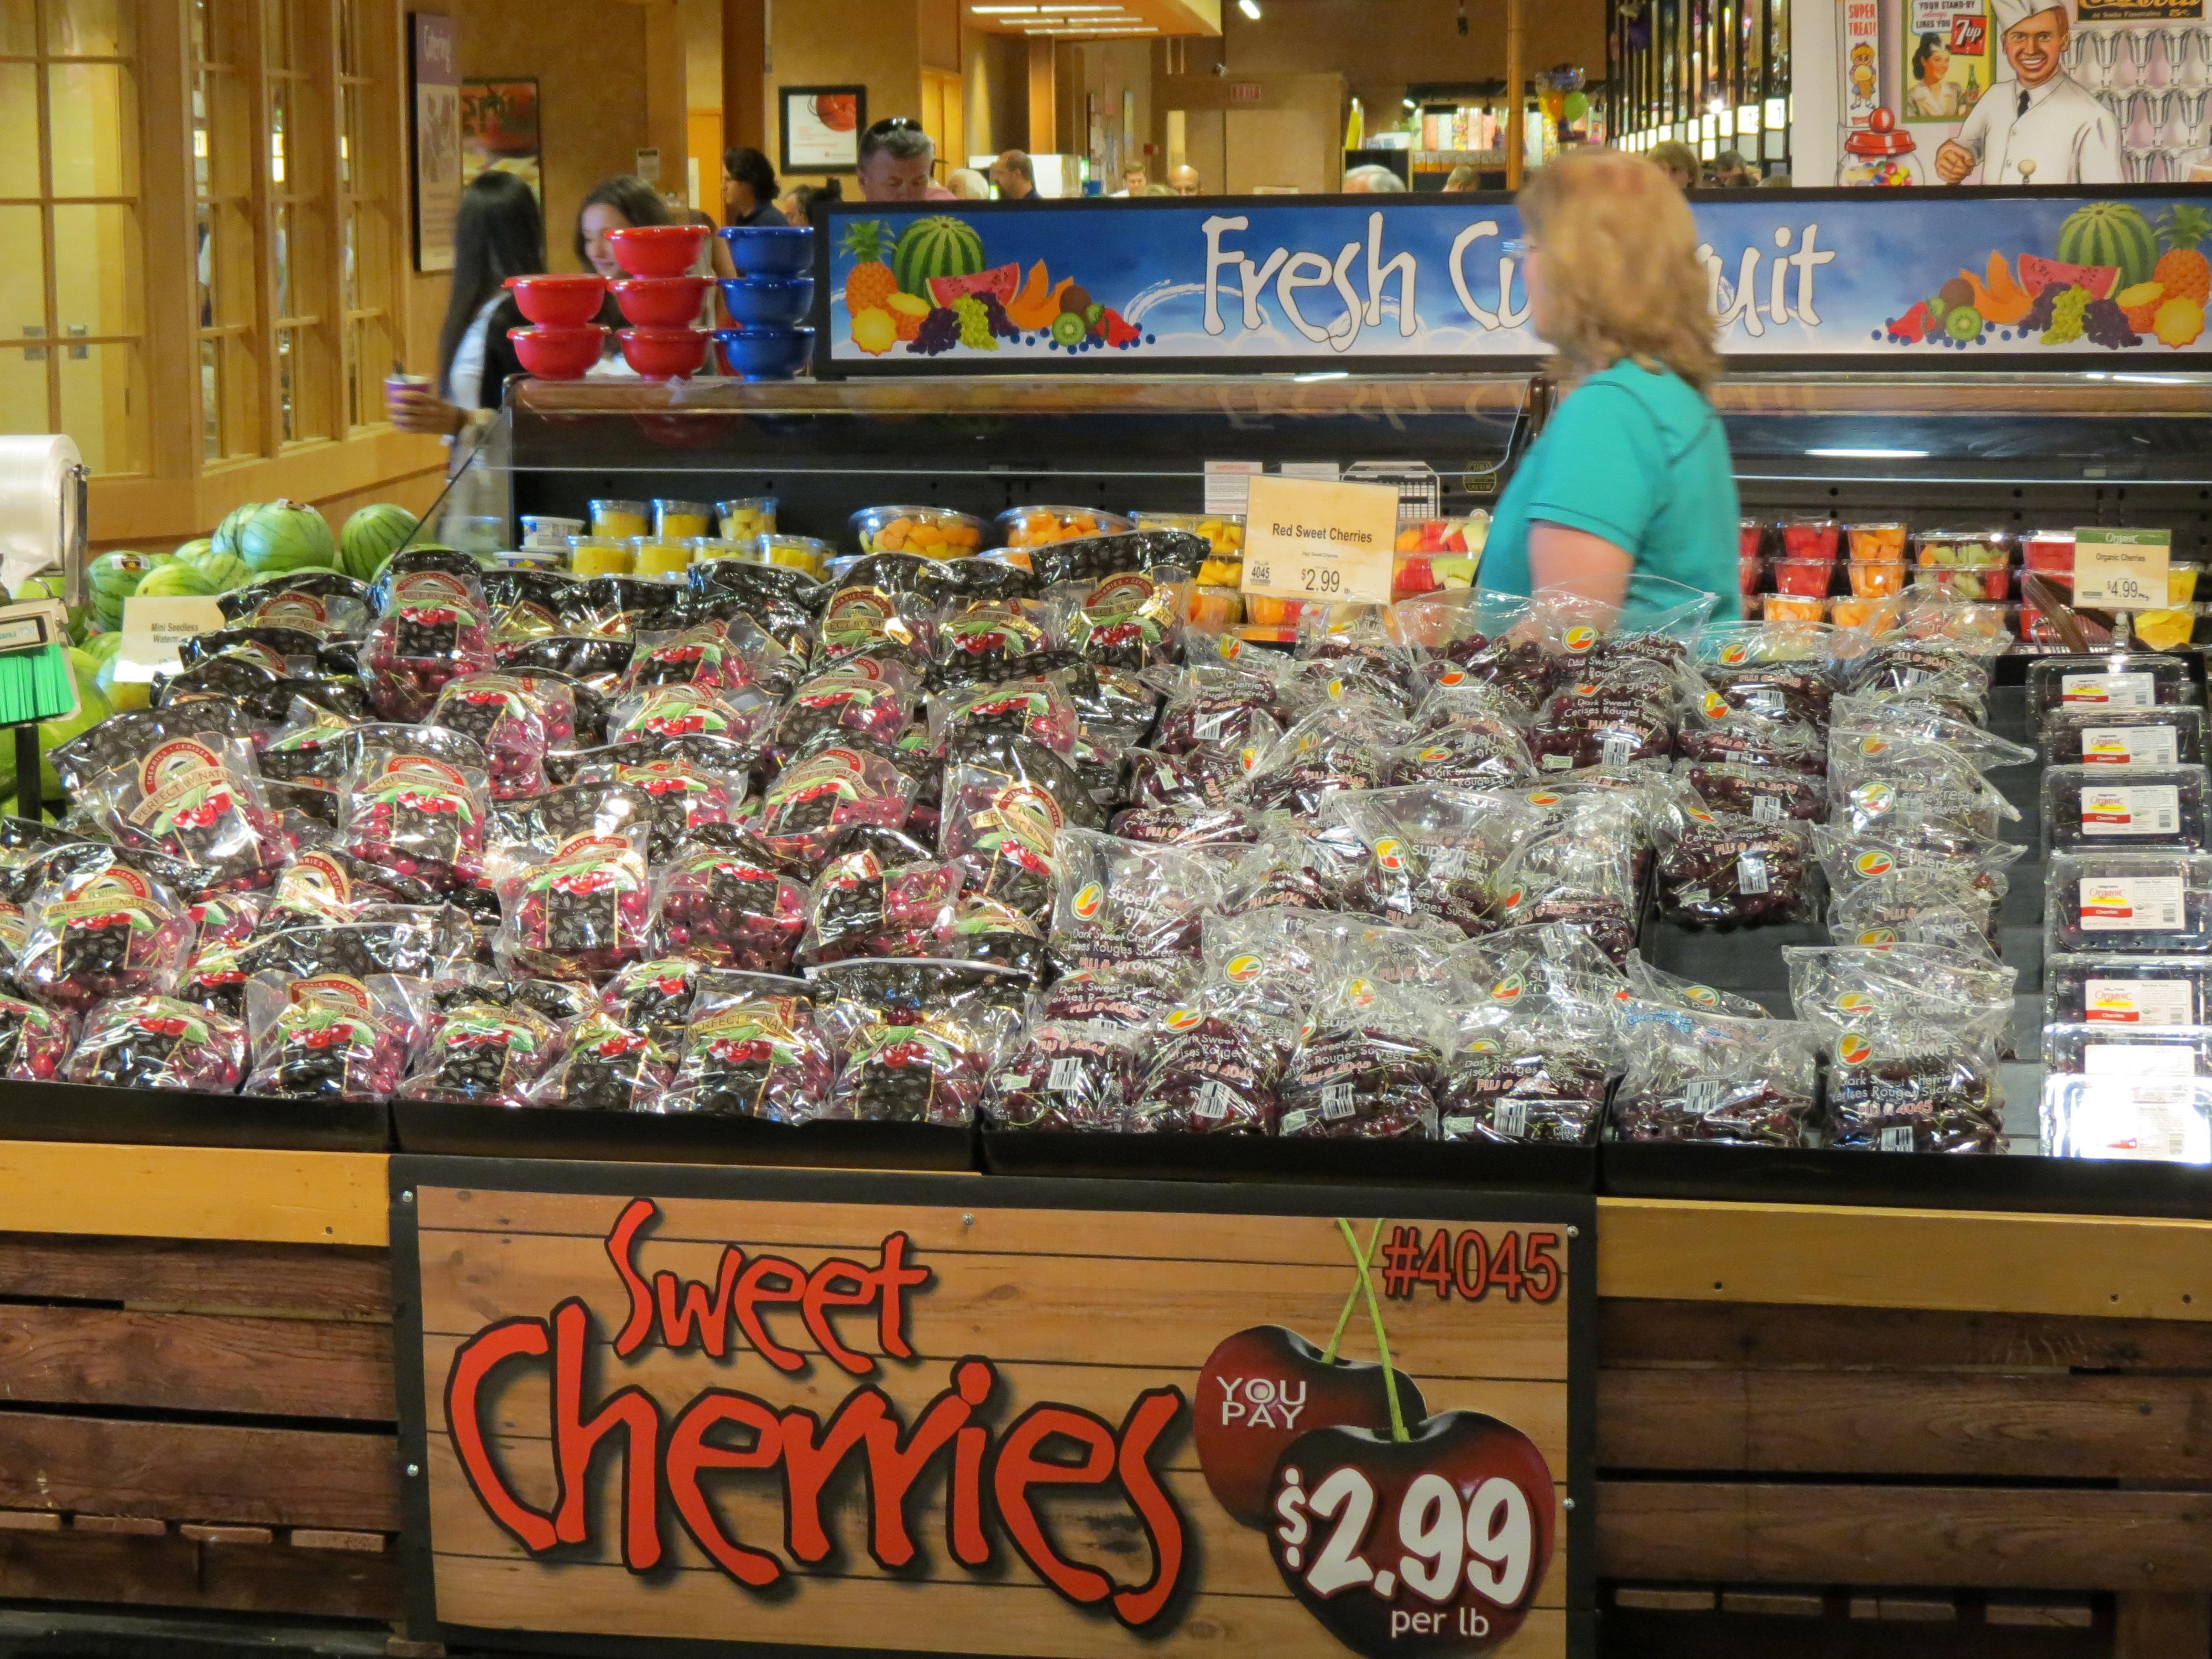 Cherries at Wegman